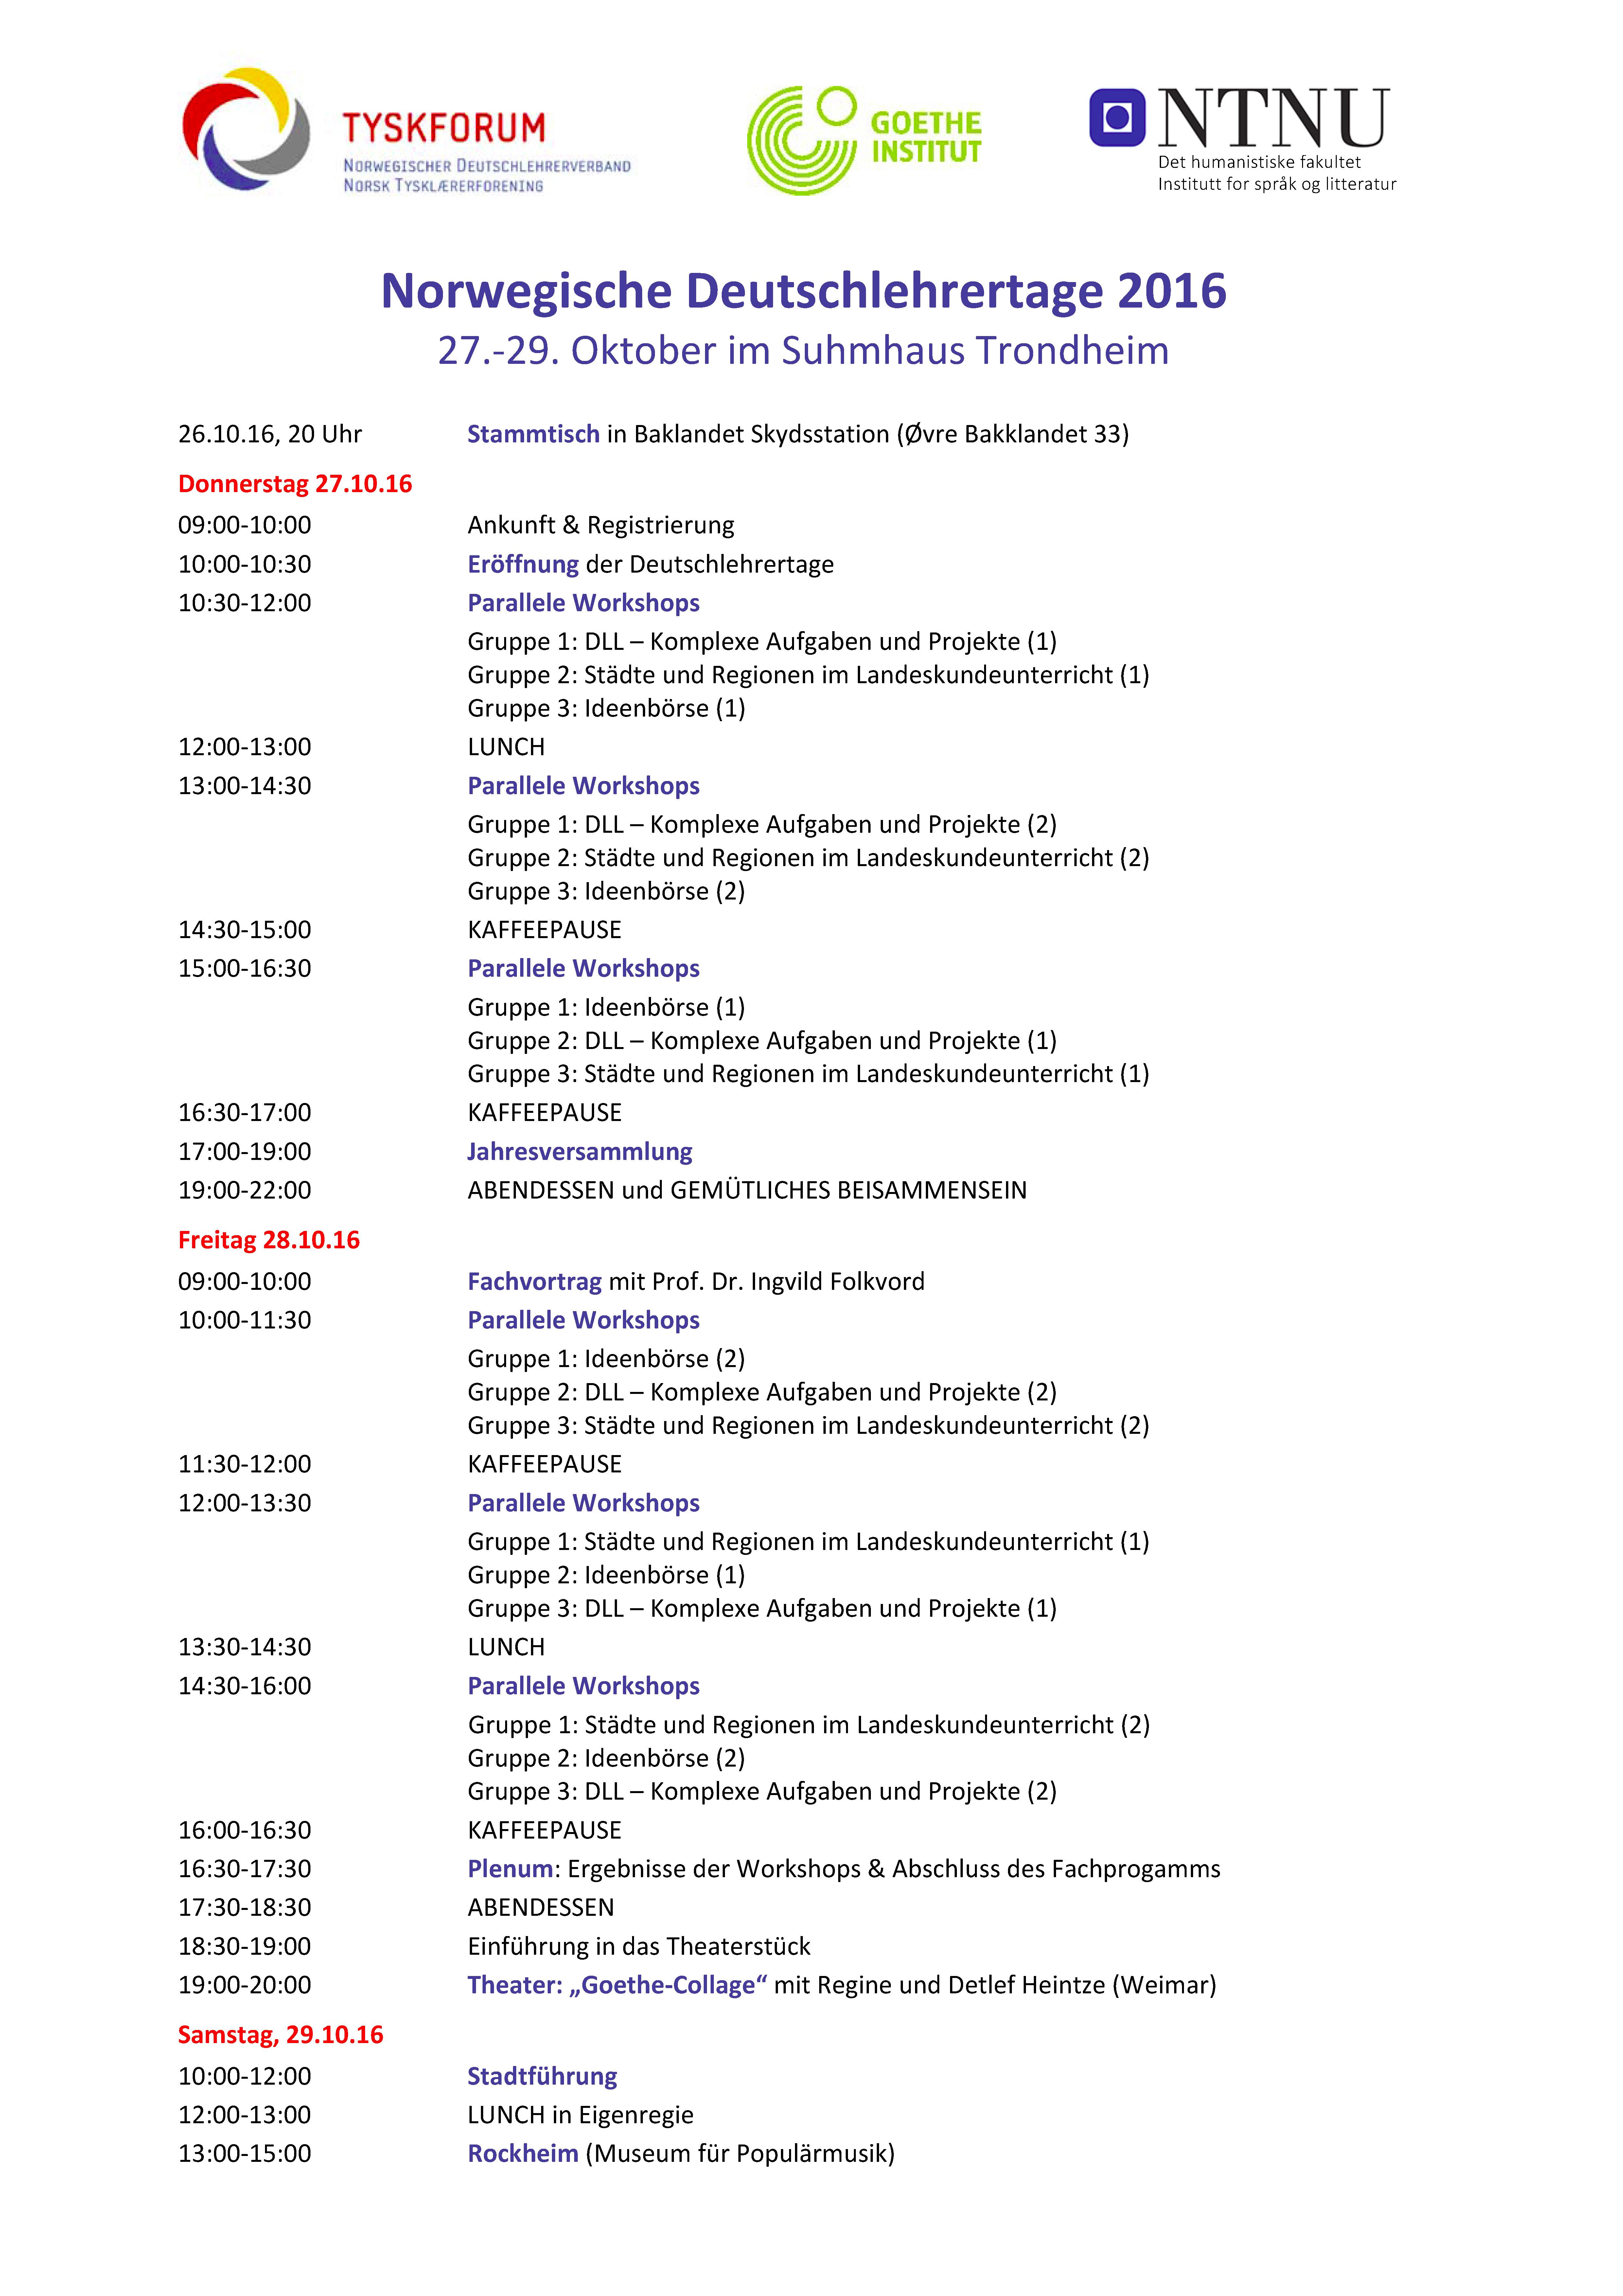 NDT-2016-Programm-270816-deu